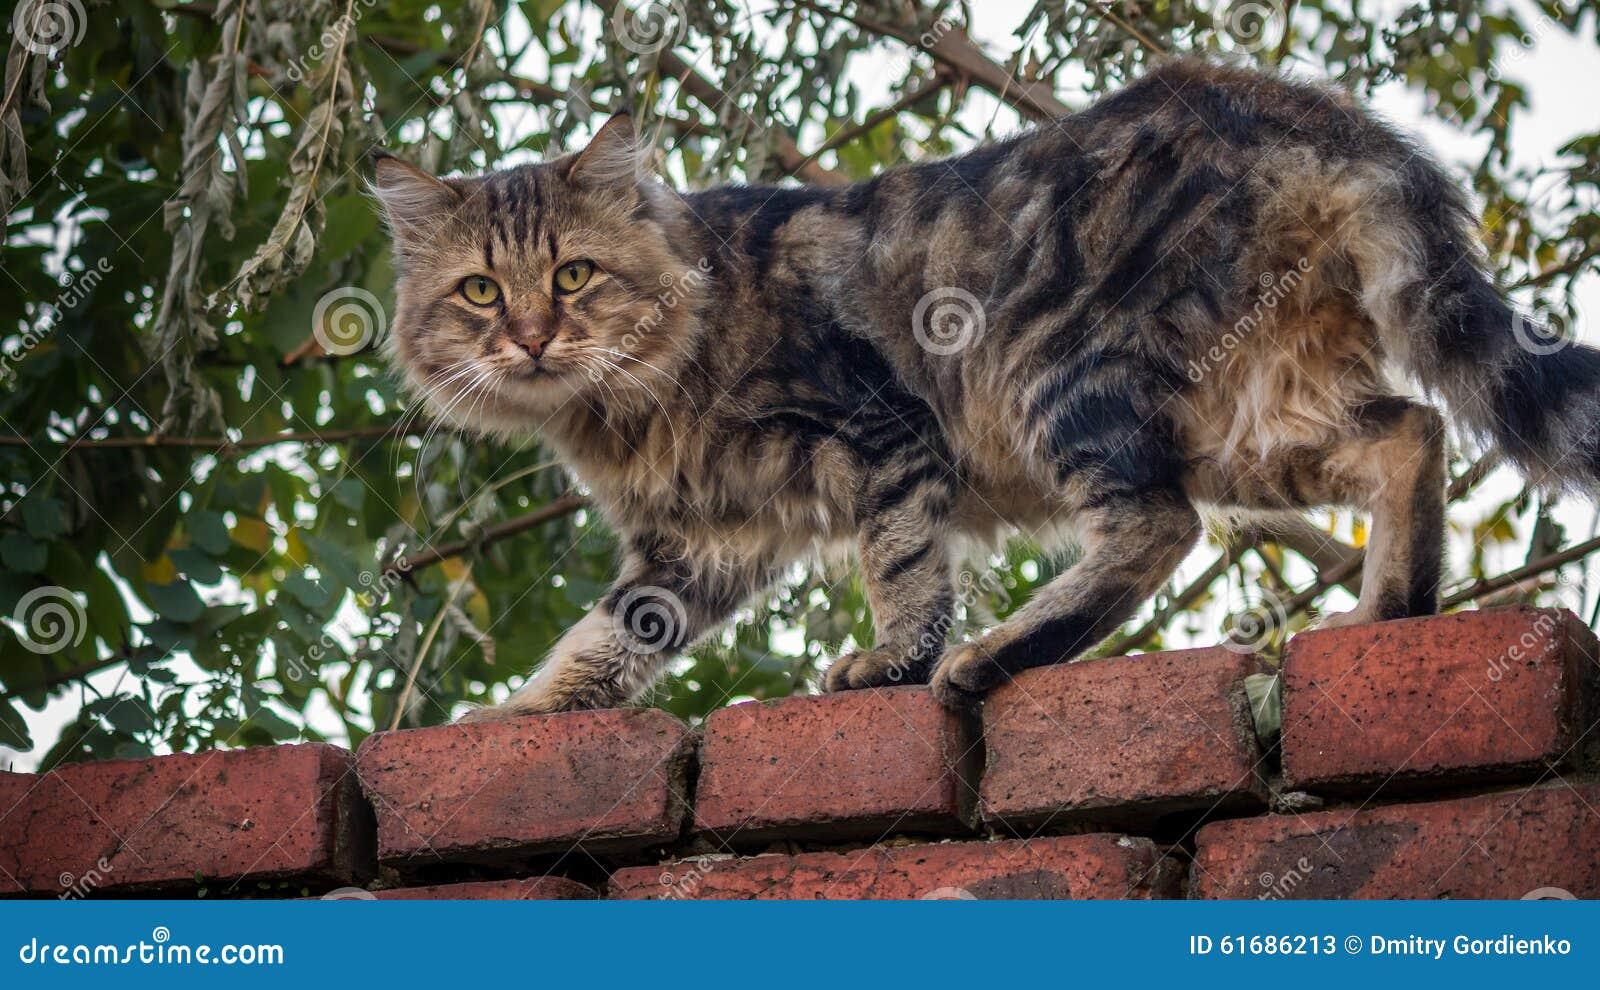 kitty cats cartoon